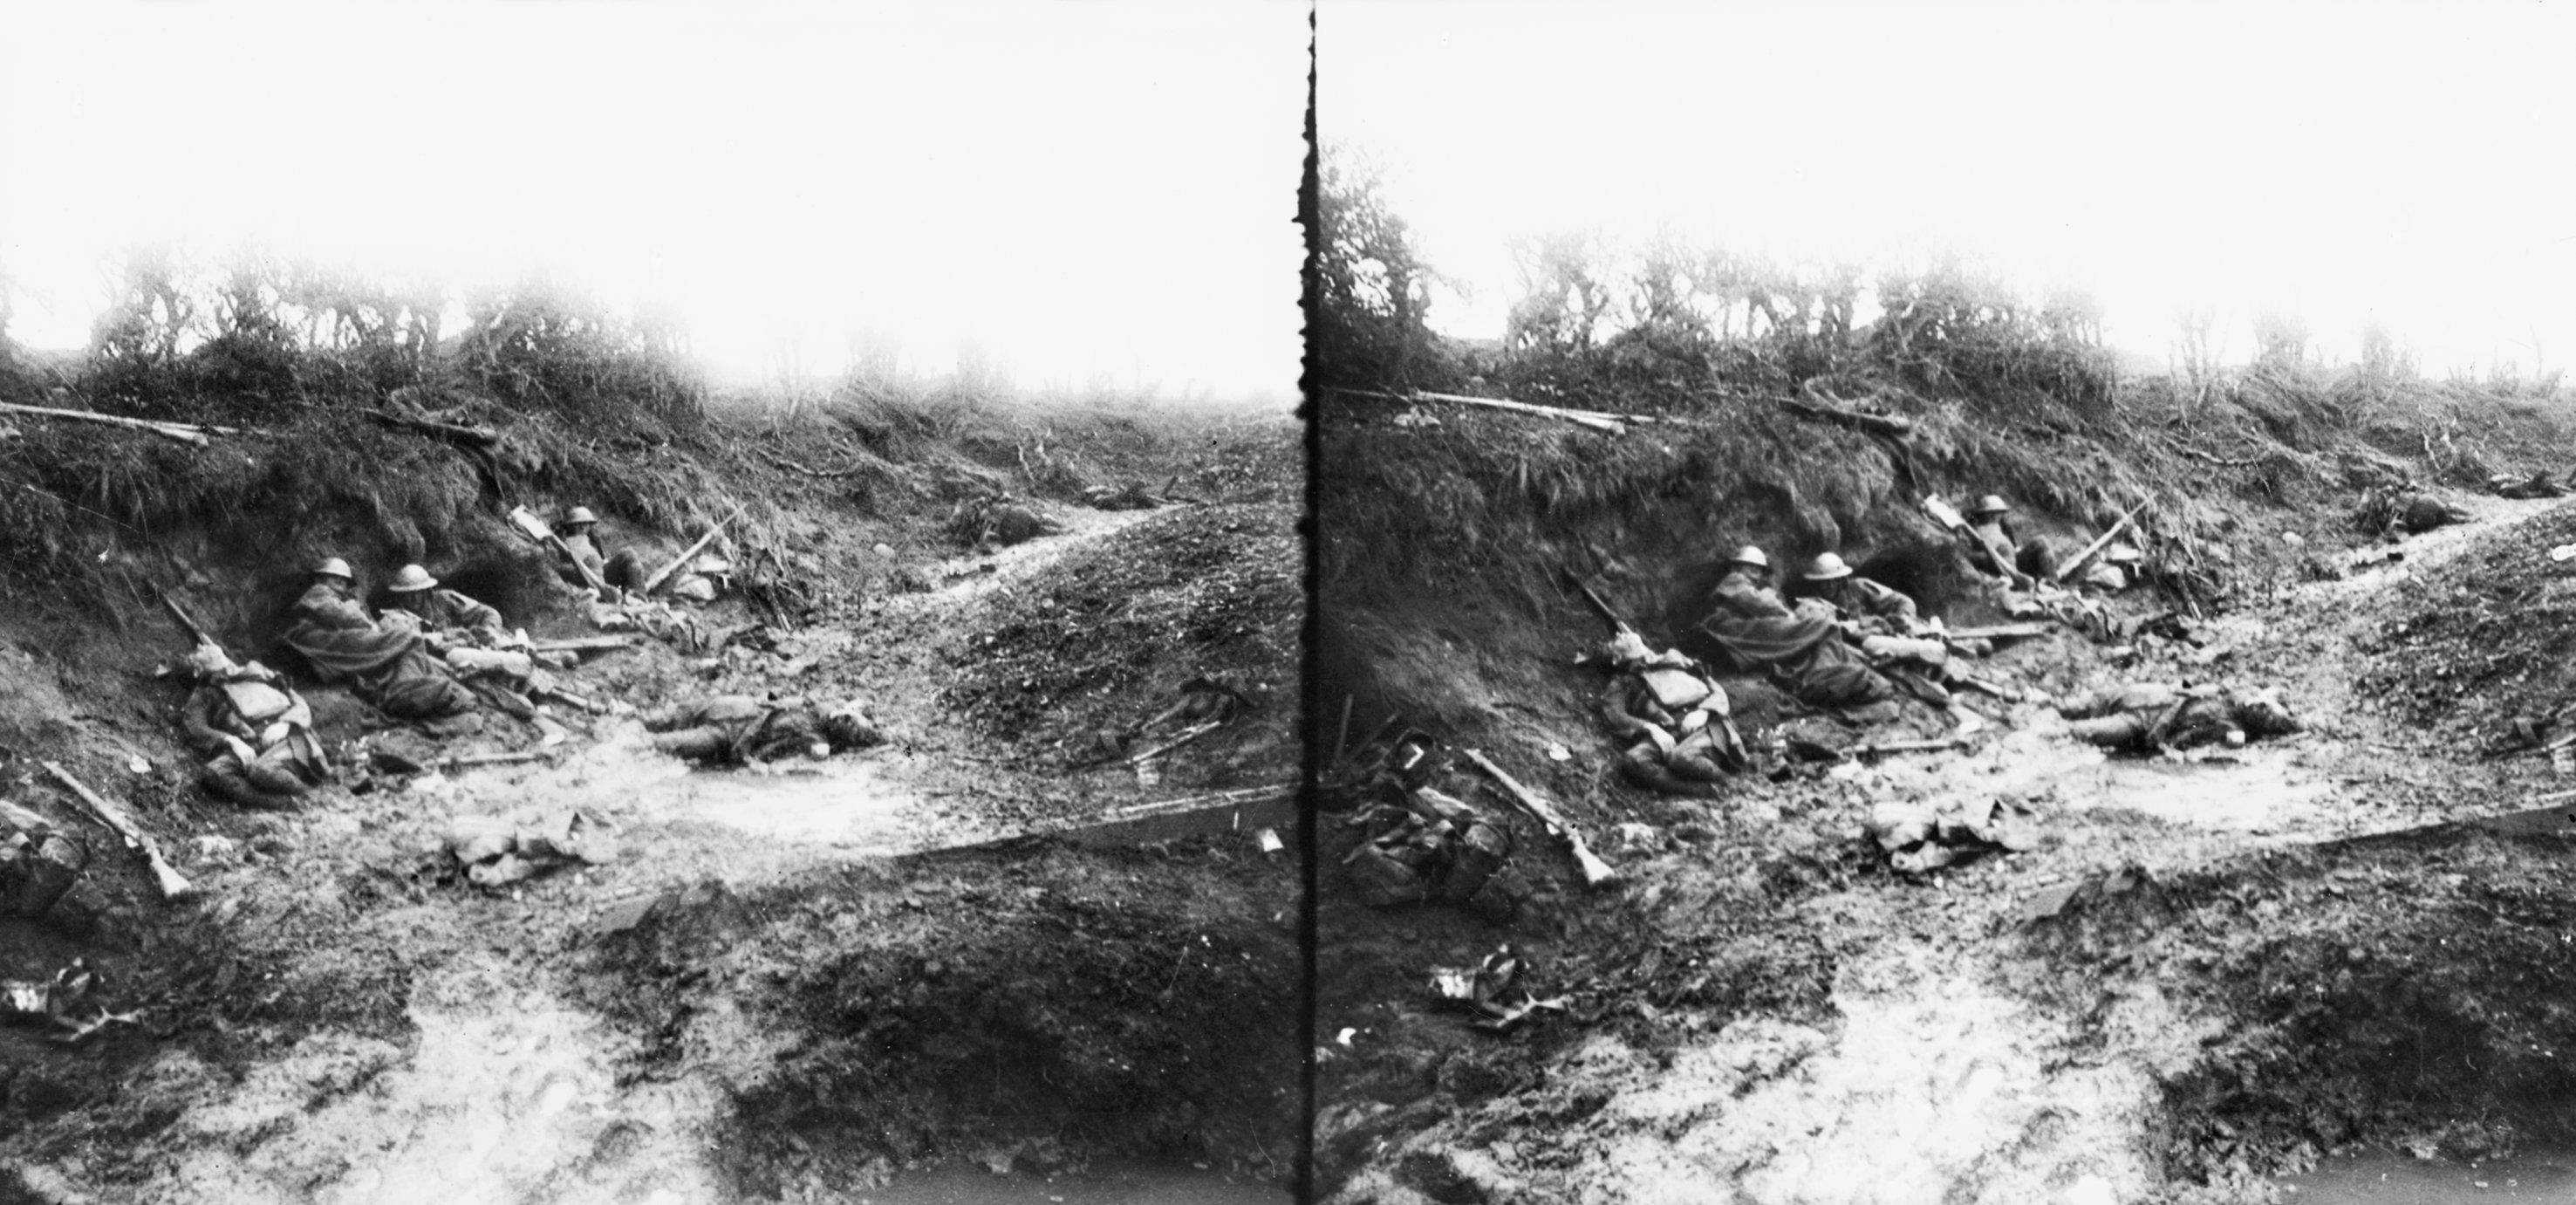 Australian War Memorial – E04673, Frank Hurley & Hubert Wilkins